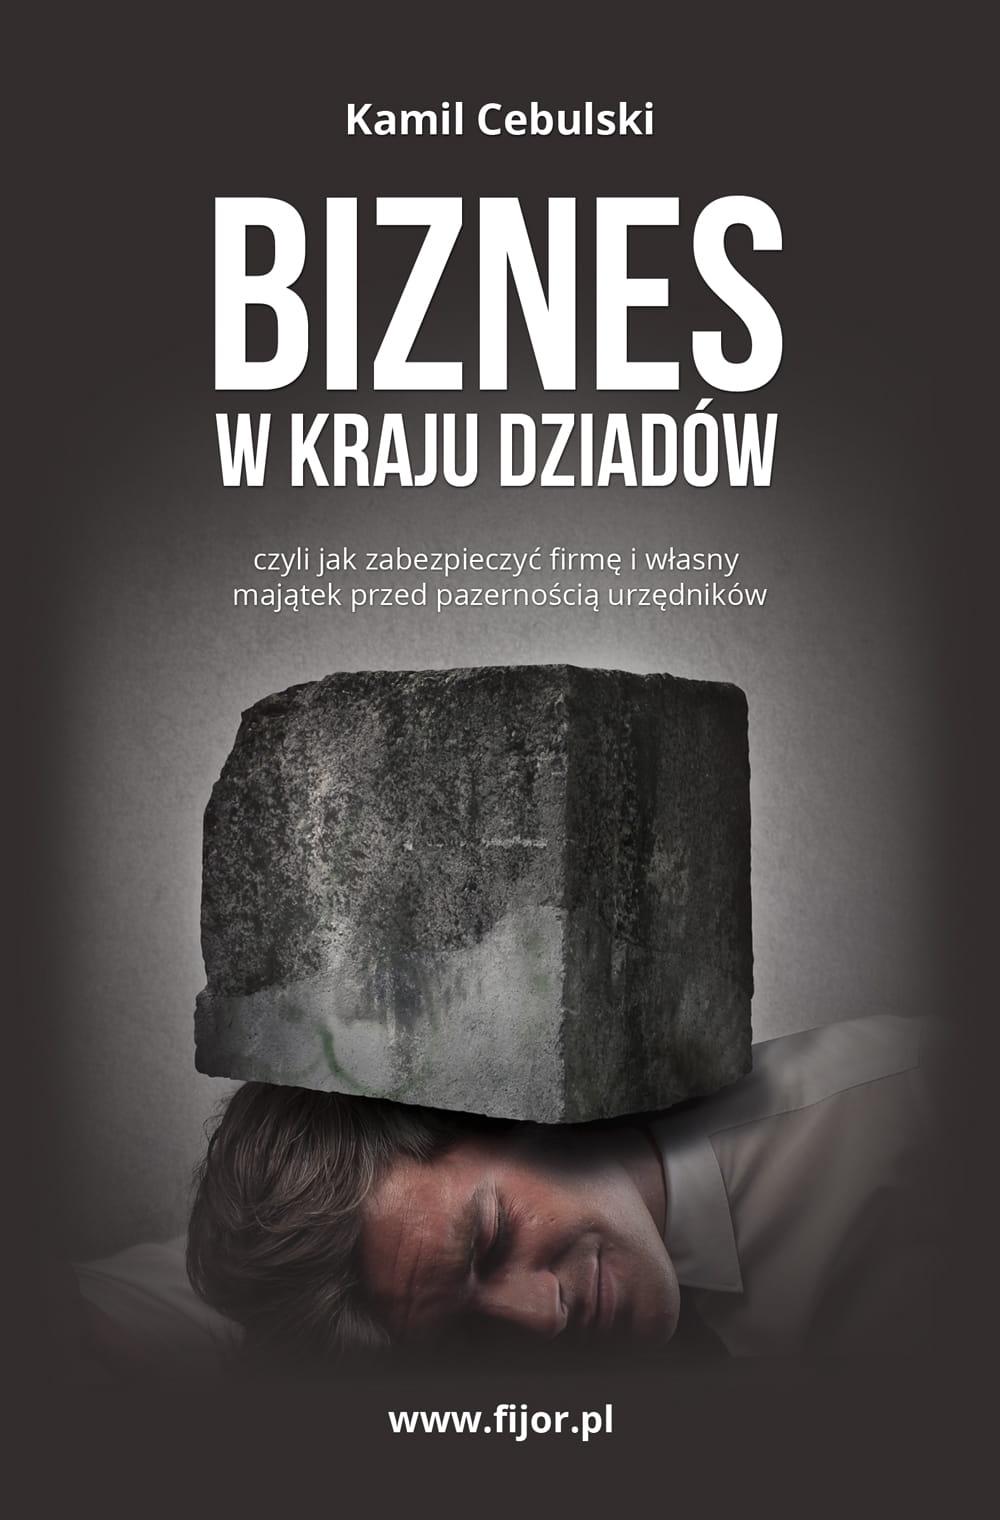 Image of Biznes w kraju dziadów - Kamil Cebulski